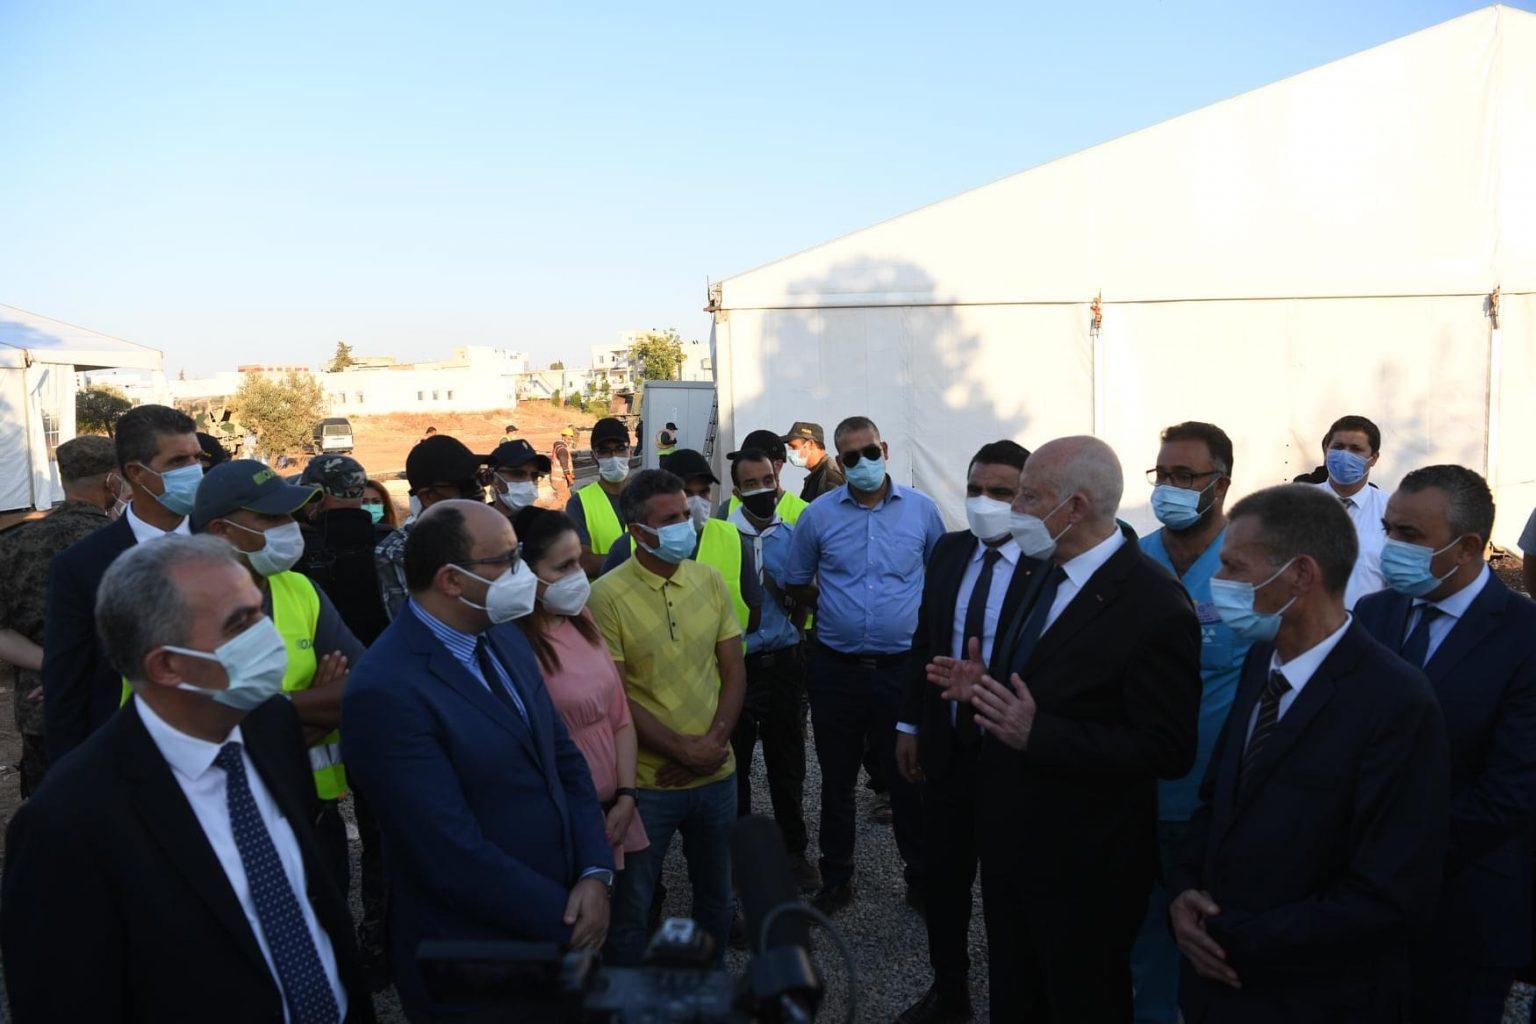 Hassan Tariq au président tunisien : Les travaux de construction de l'hôpital de campagne marocain avancent à bon rythme